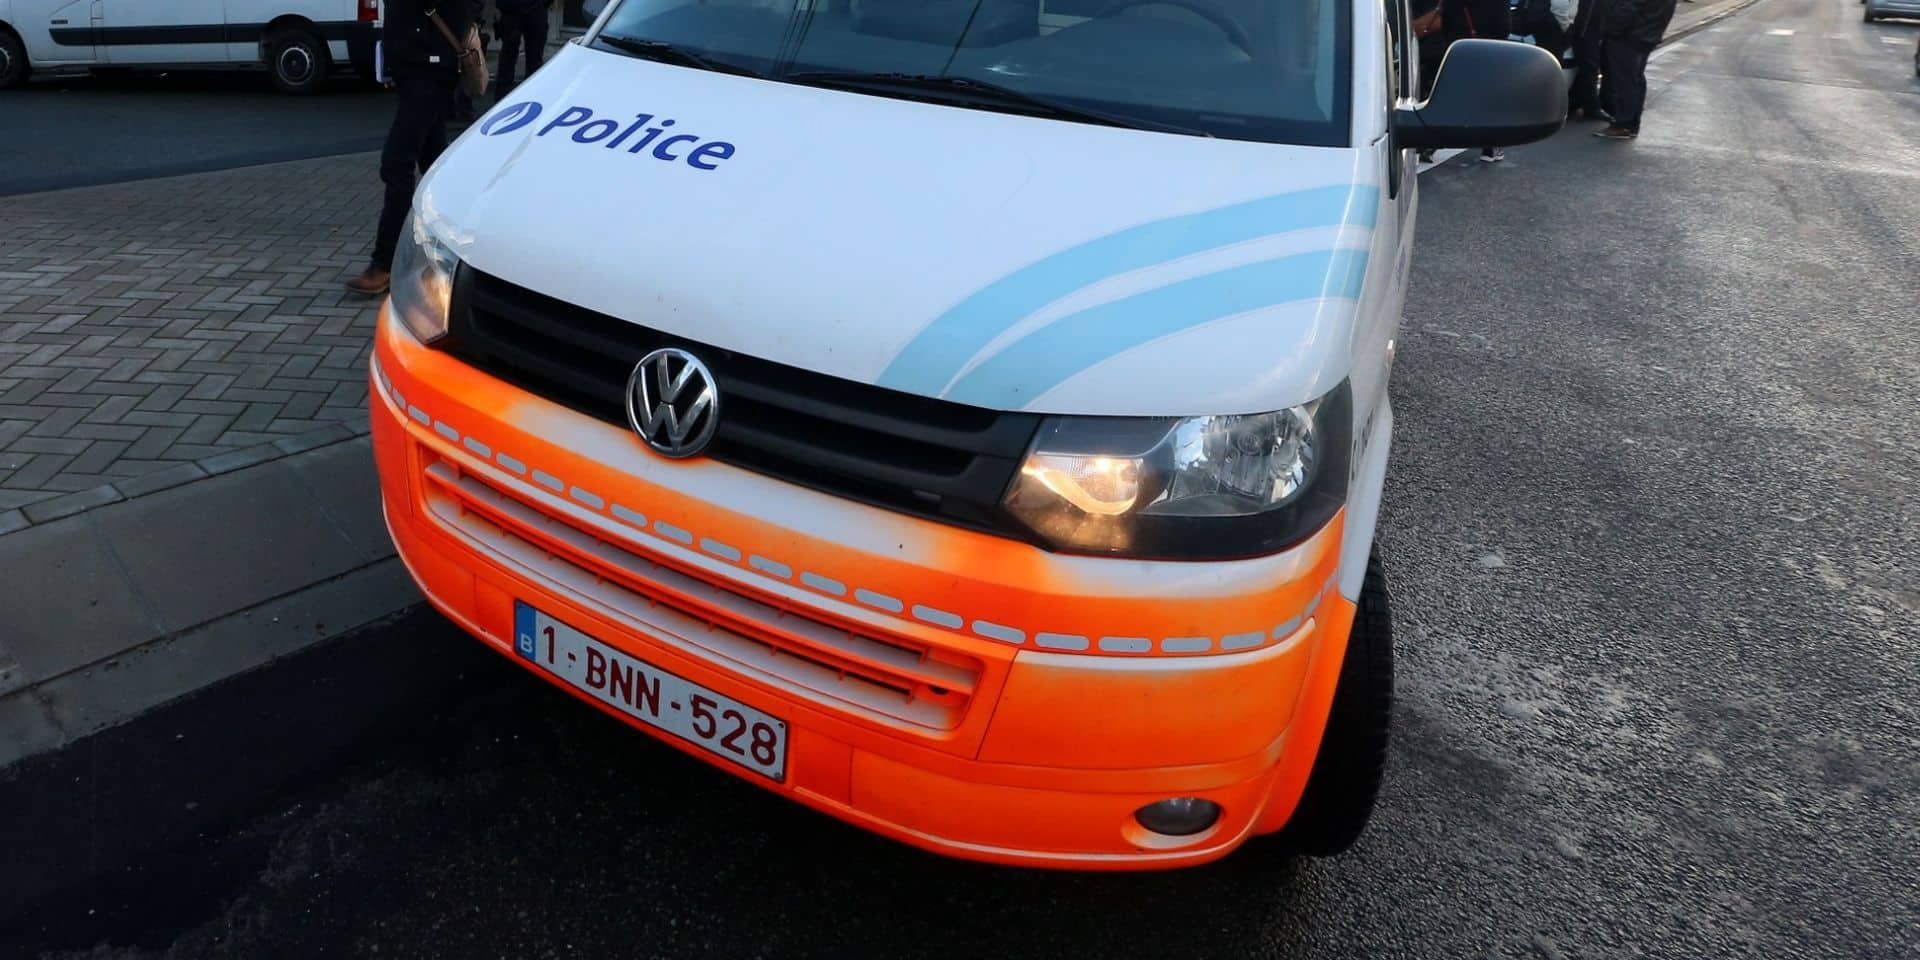 Un homme grièvement blessé dans une fusillade à Zottegem